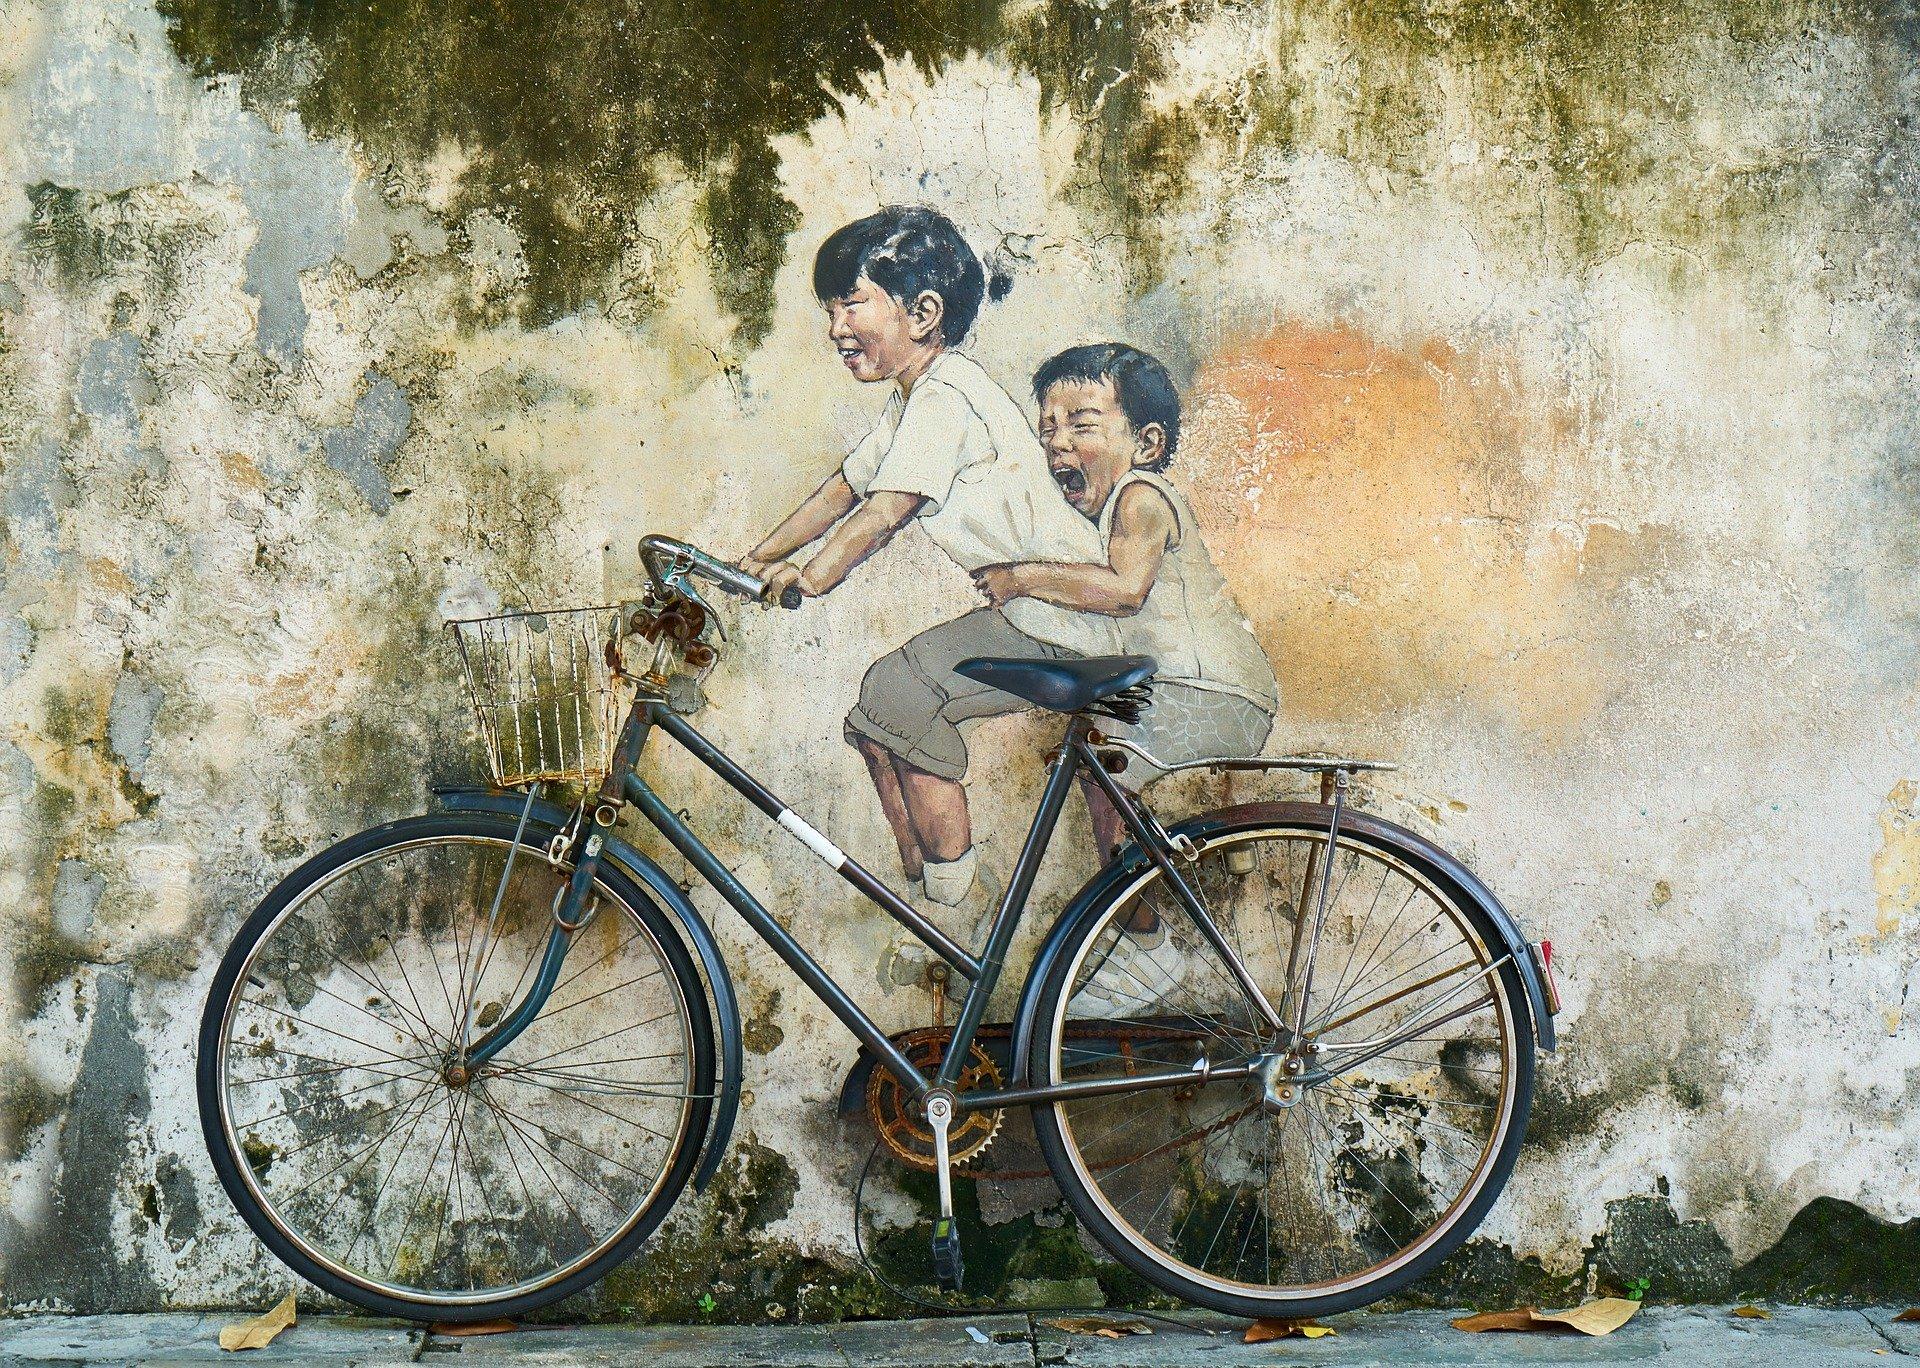 Mantenimiento Bicicleta antigua sucia y mal engrasada con dos niños pintados en la pared